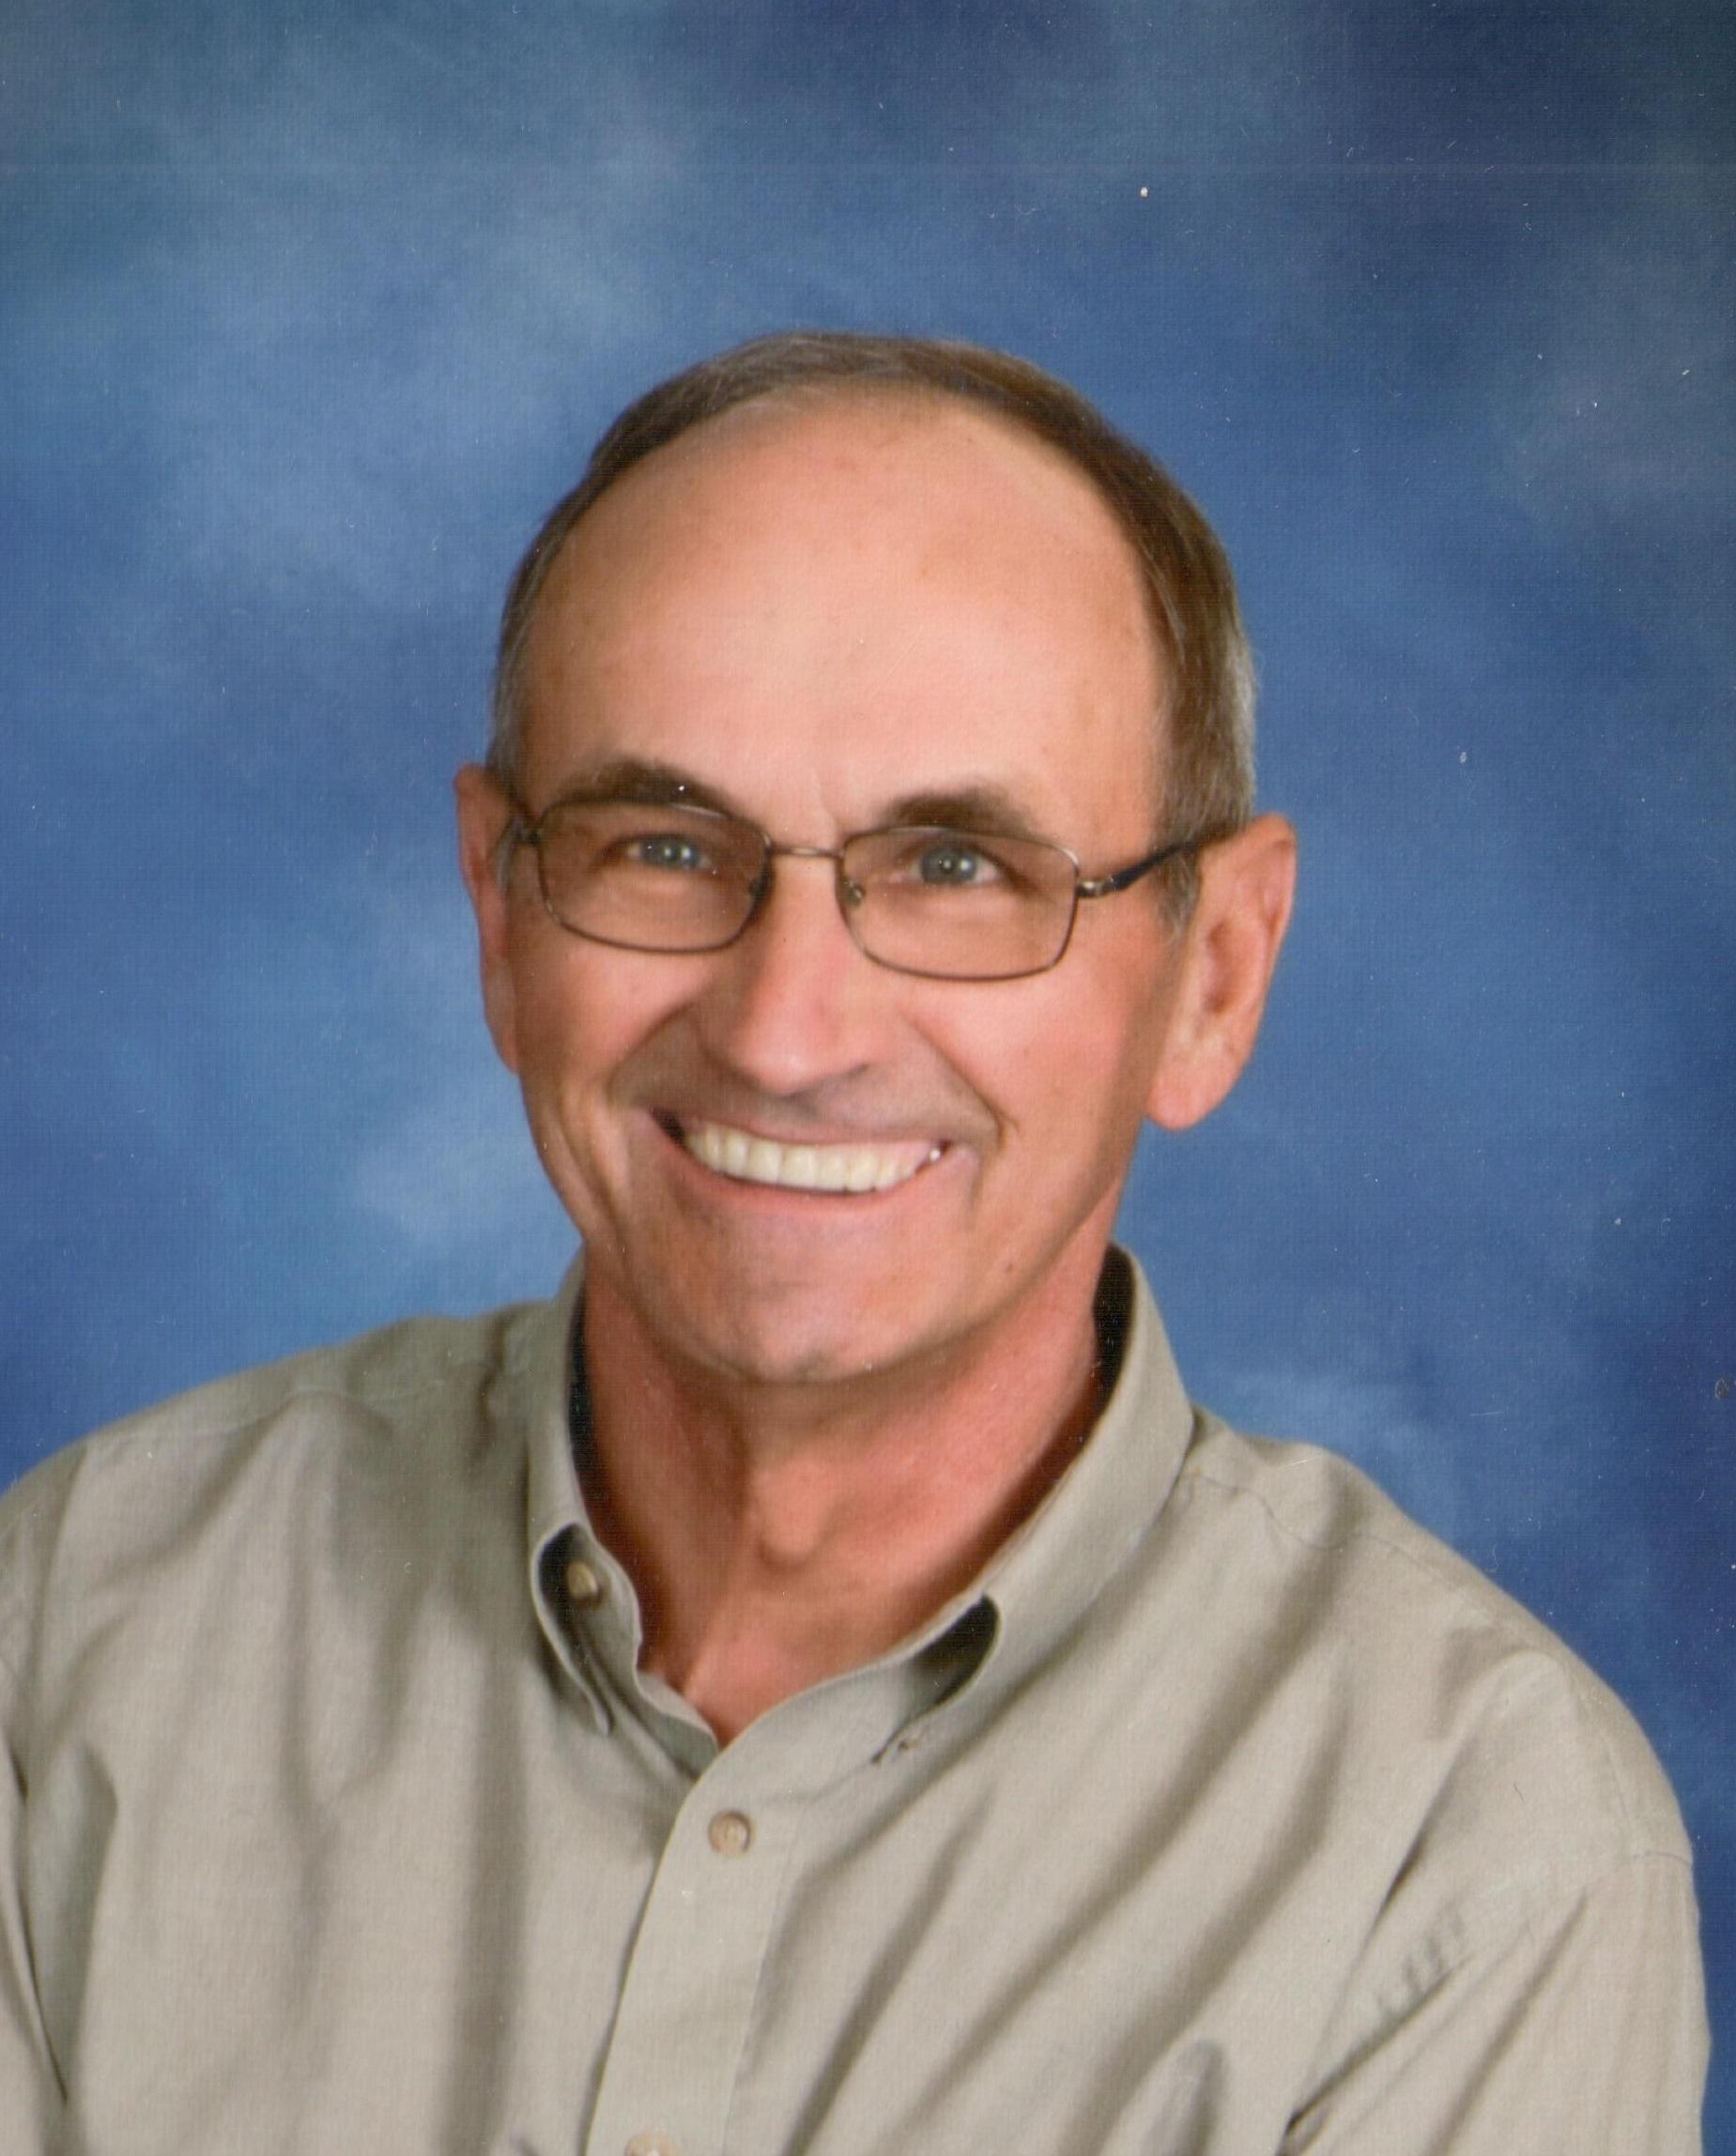 Robert J. Schepers, age 69 of Celestine